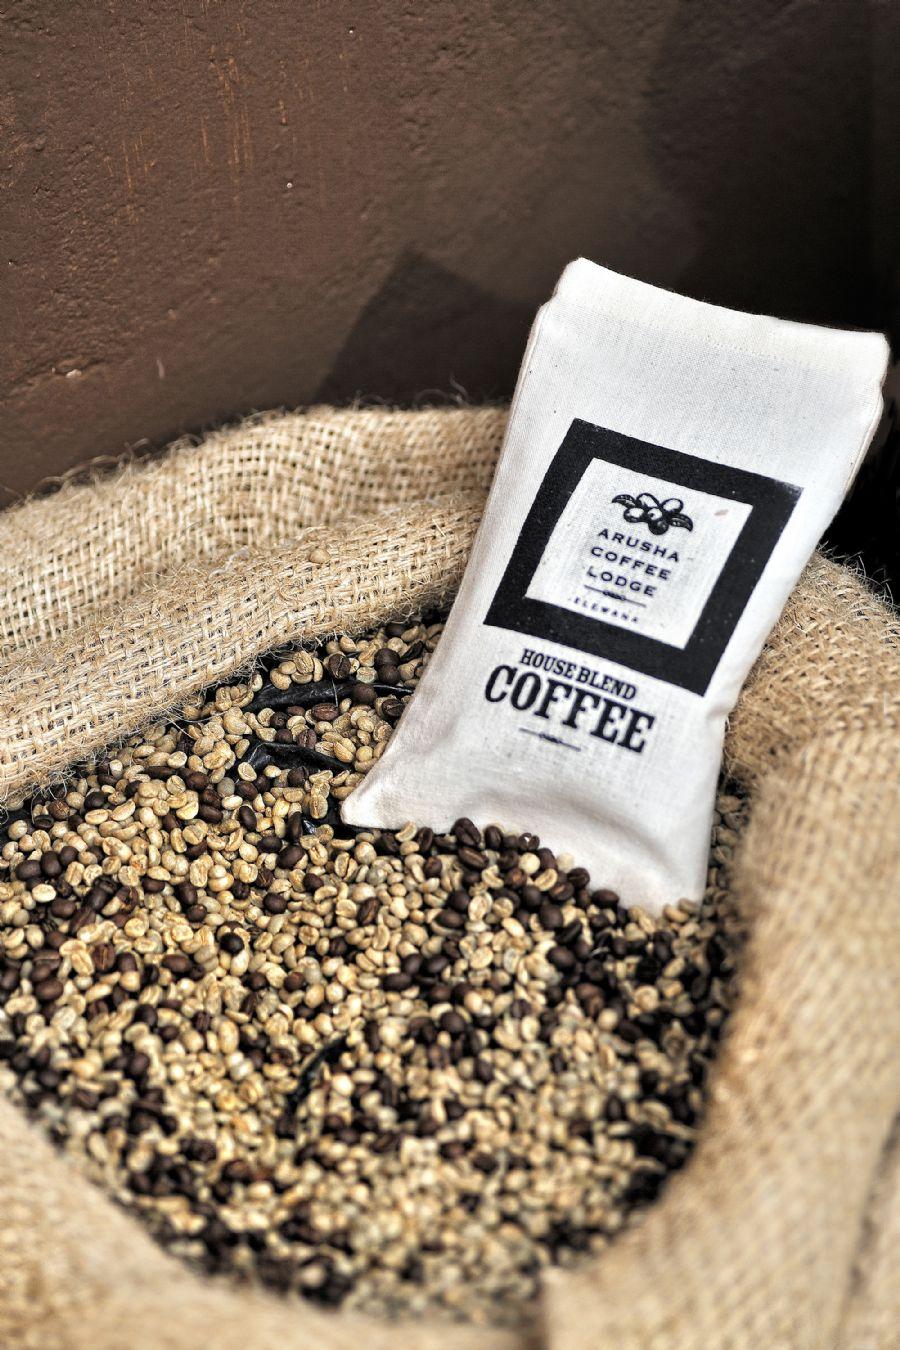 Arusha Coffee Lodge Arusha